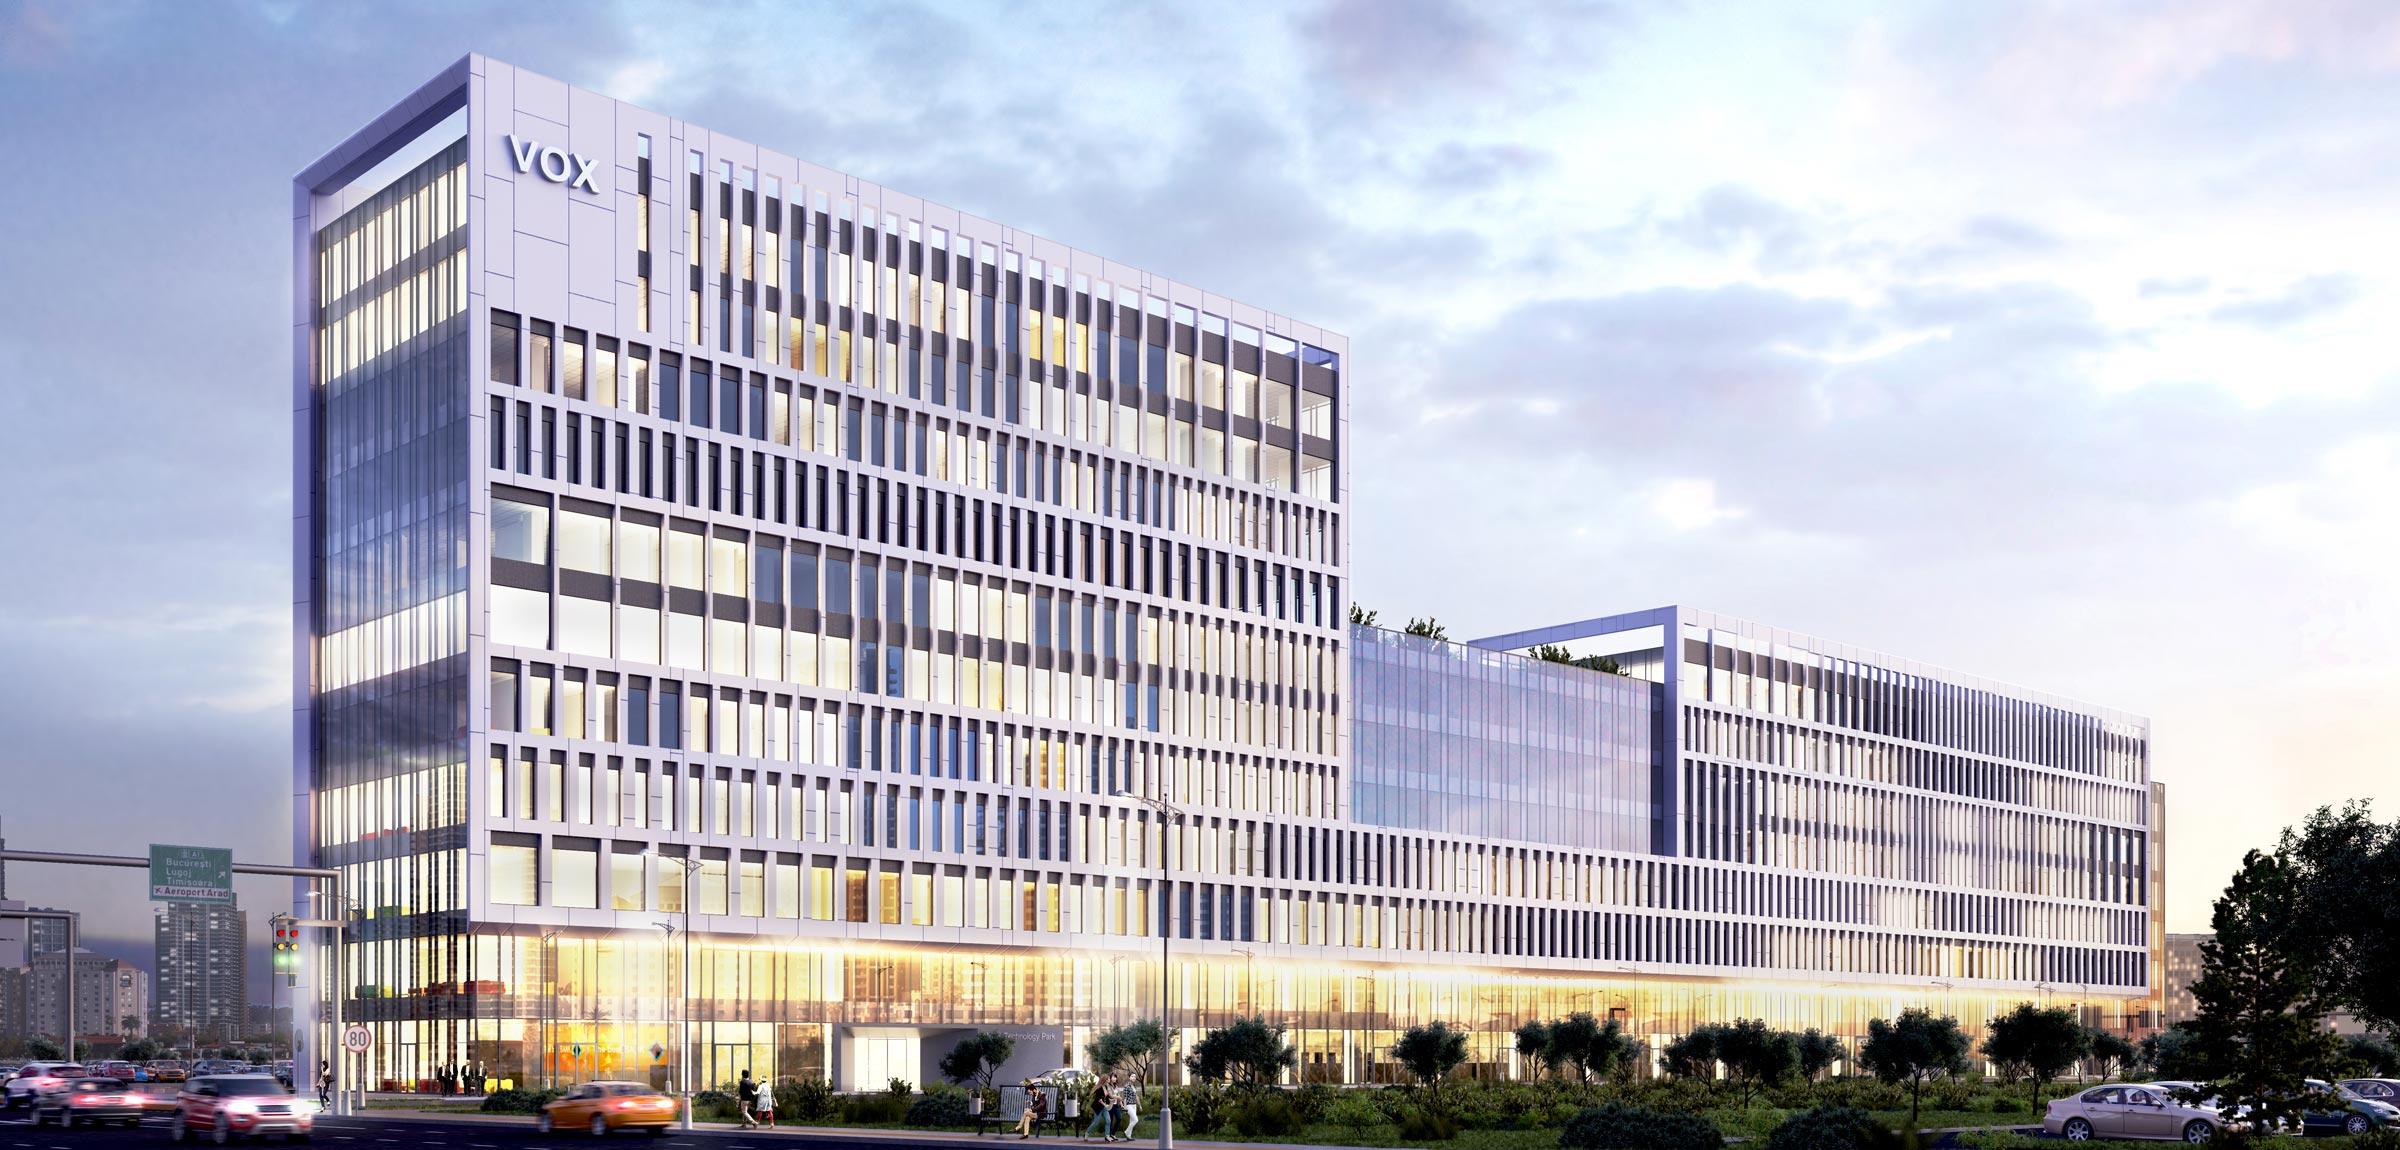 Peste 80% din cererea pentru spaţii de birouri vine din IT şi centre de servicii